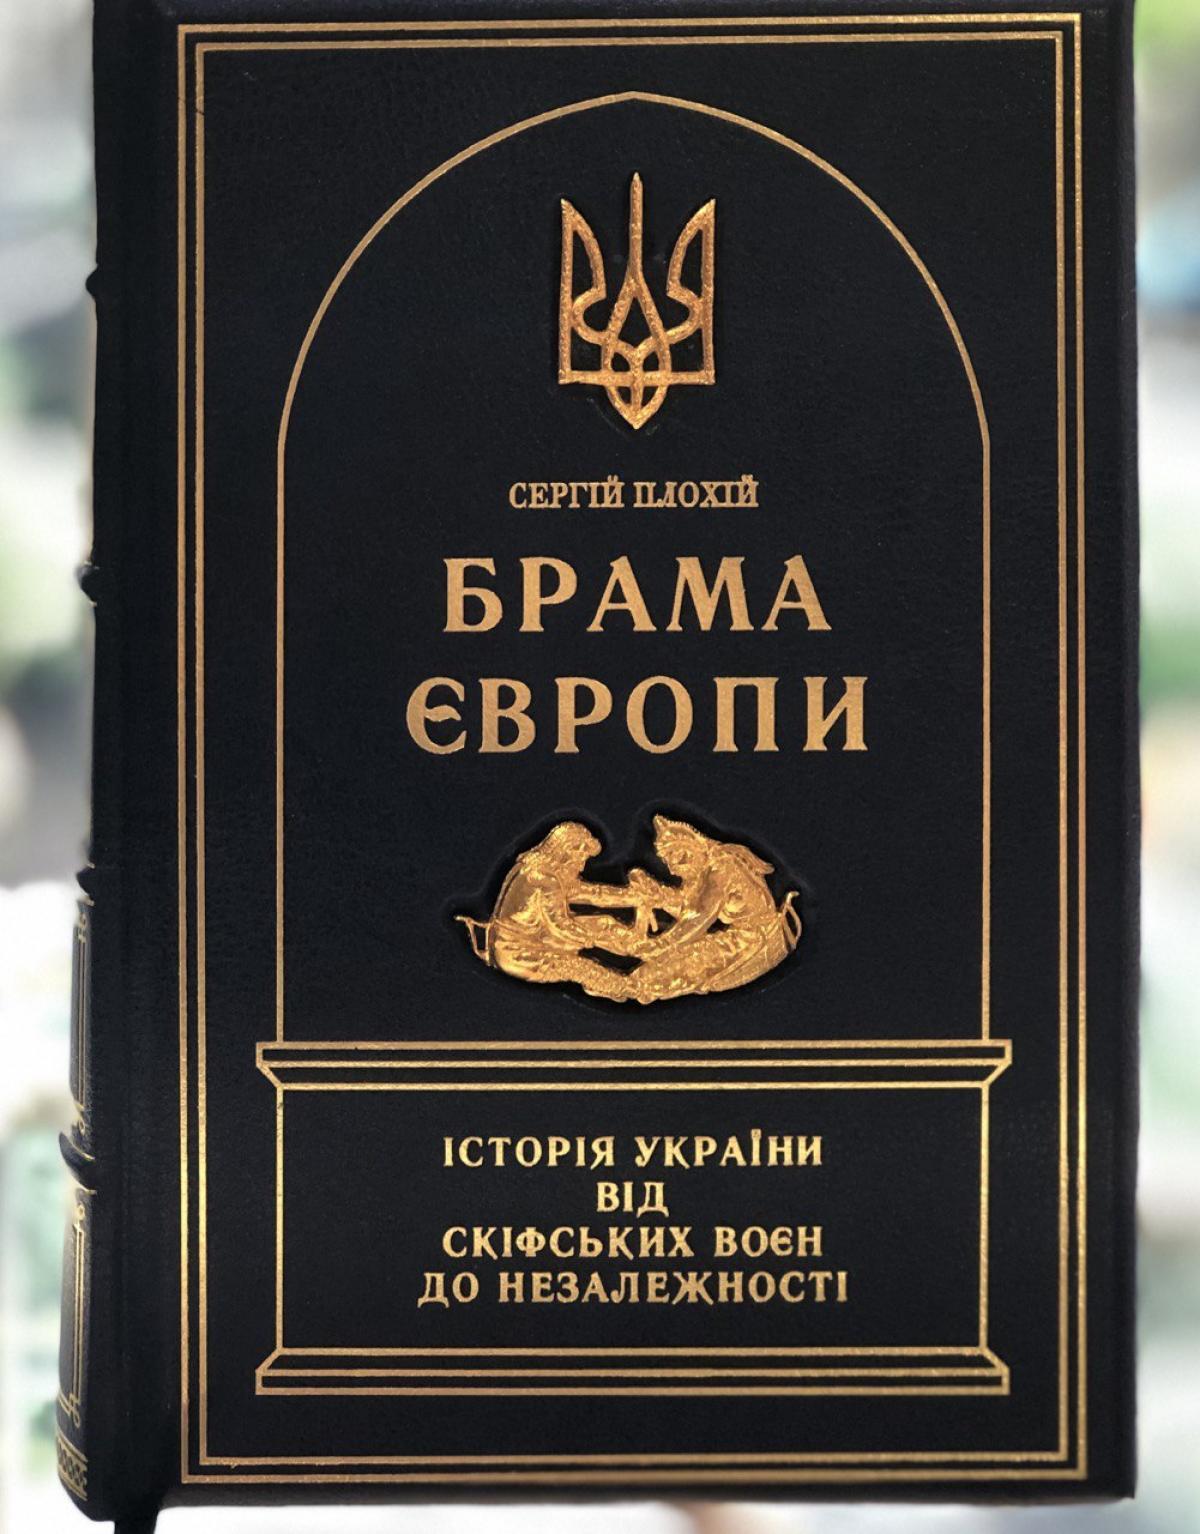 Подарочная книга  - Ворота Европы. Фото №1. | Народный дом Украина